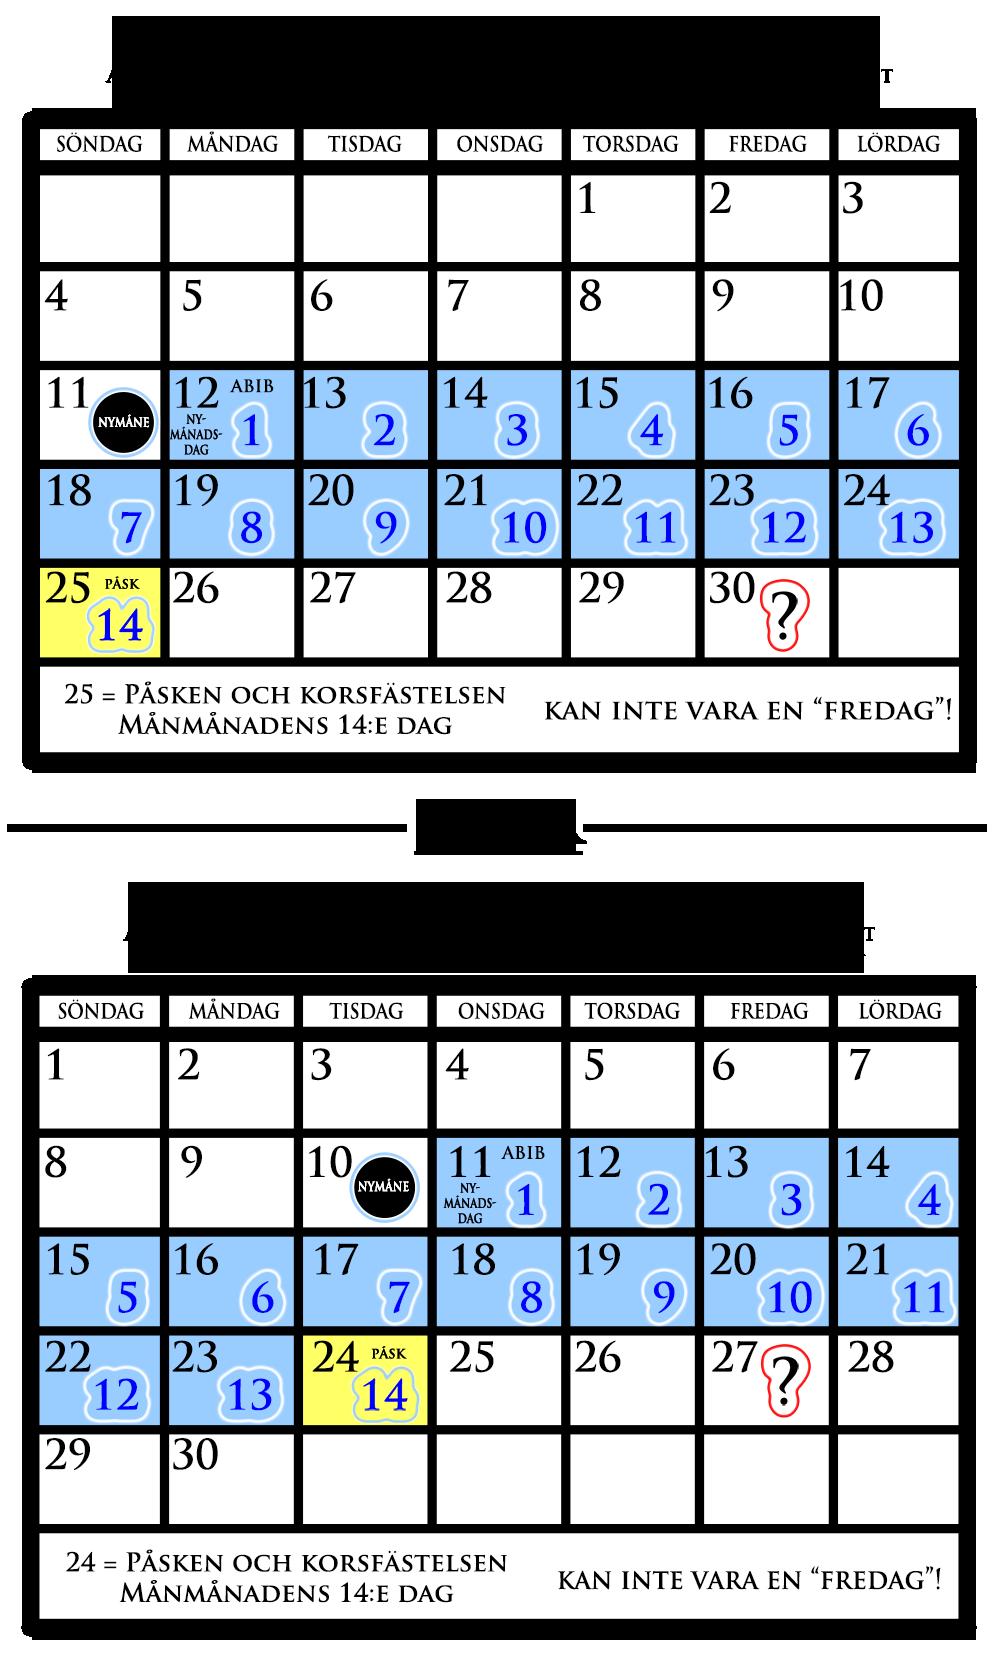 Påsken och Korsfästelsen kan inte vara en fredag